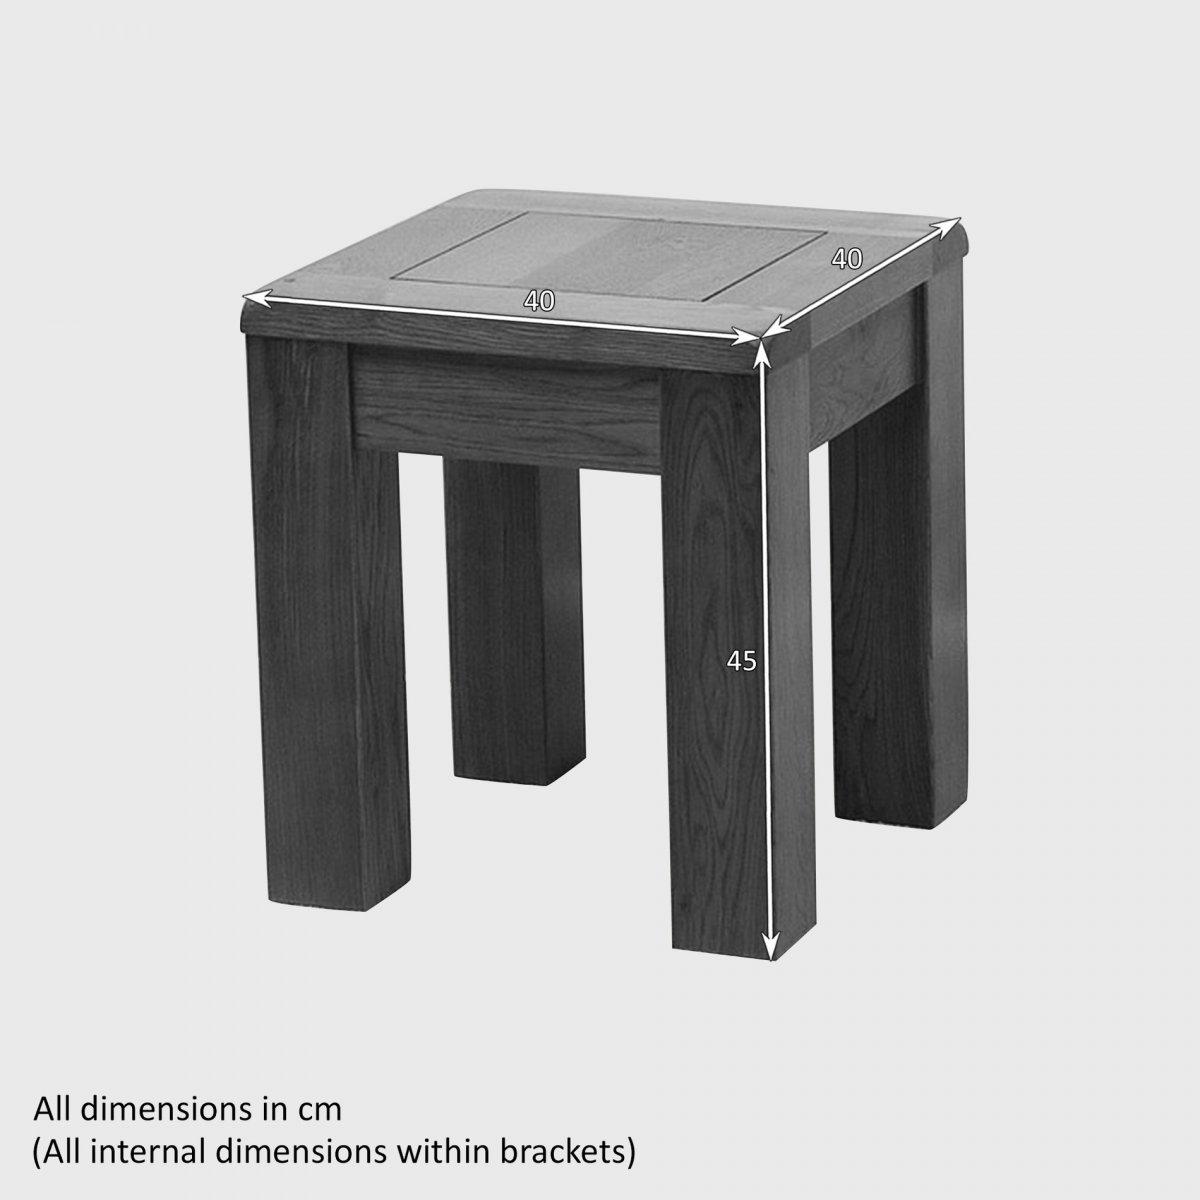 Original Rustic Square Stool in Rustic Oak Oak Furniture  : original rustic solid oak square stool 562a32c4dc3ca9ca8d1ae009861df725420dcf7695413 from www.oakfurnitureland.co.uk size 1200 x 1200 jpeg 89kB